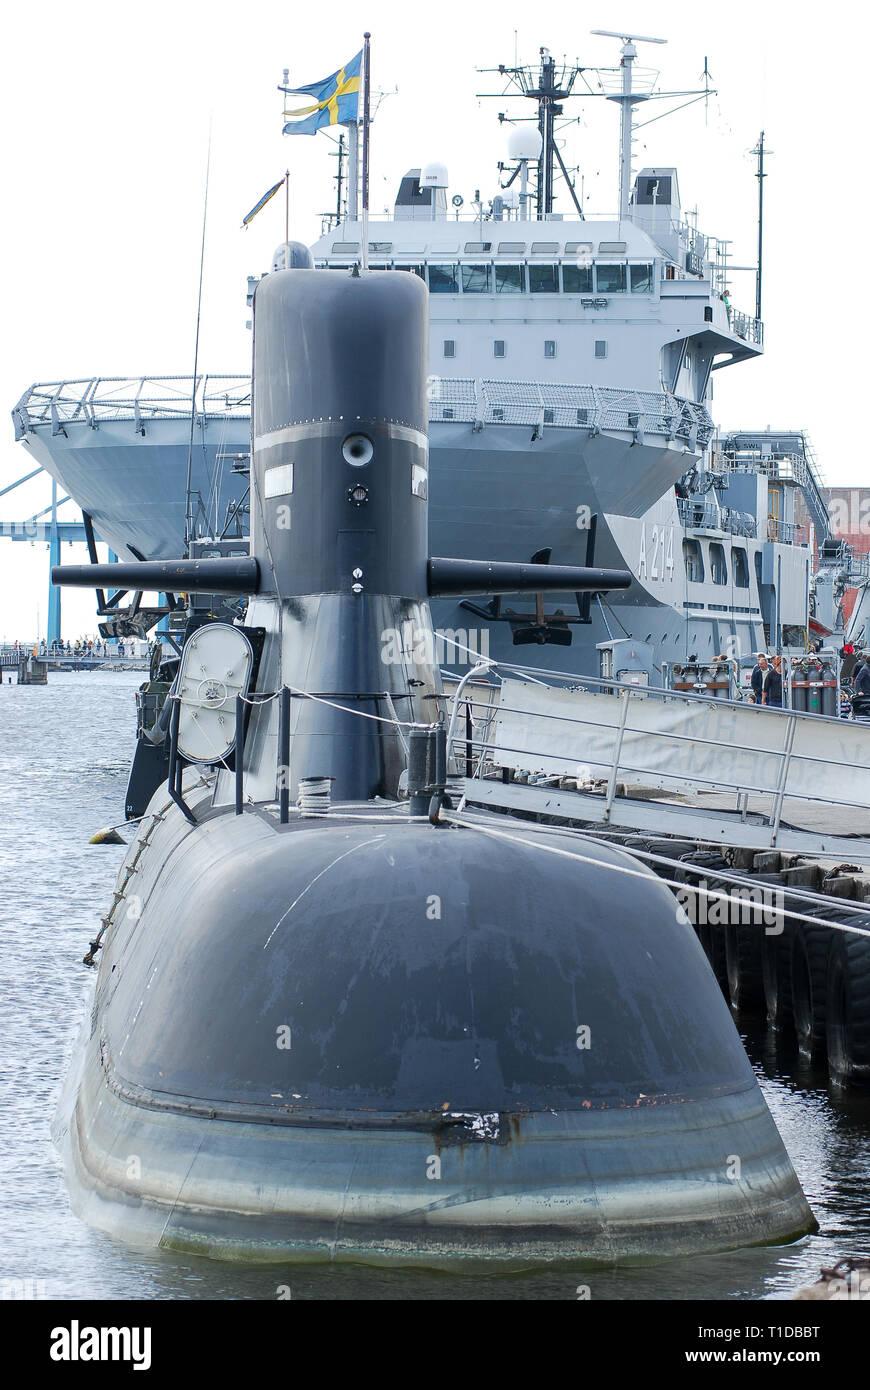 HSwMS Södermanland, clase Södermanland HSwMS Belos submarino y un buque de rescate submarino214 1ª flotilla de submarinos durante Marinens Dag (Día) me Marina Foto de stock